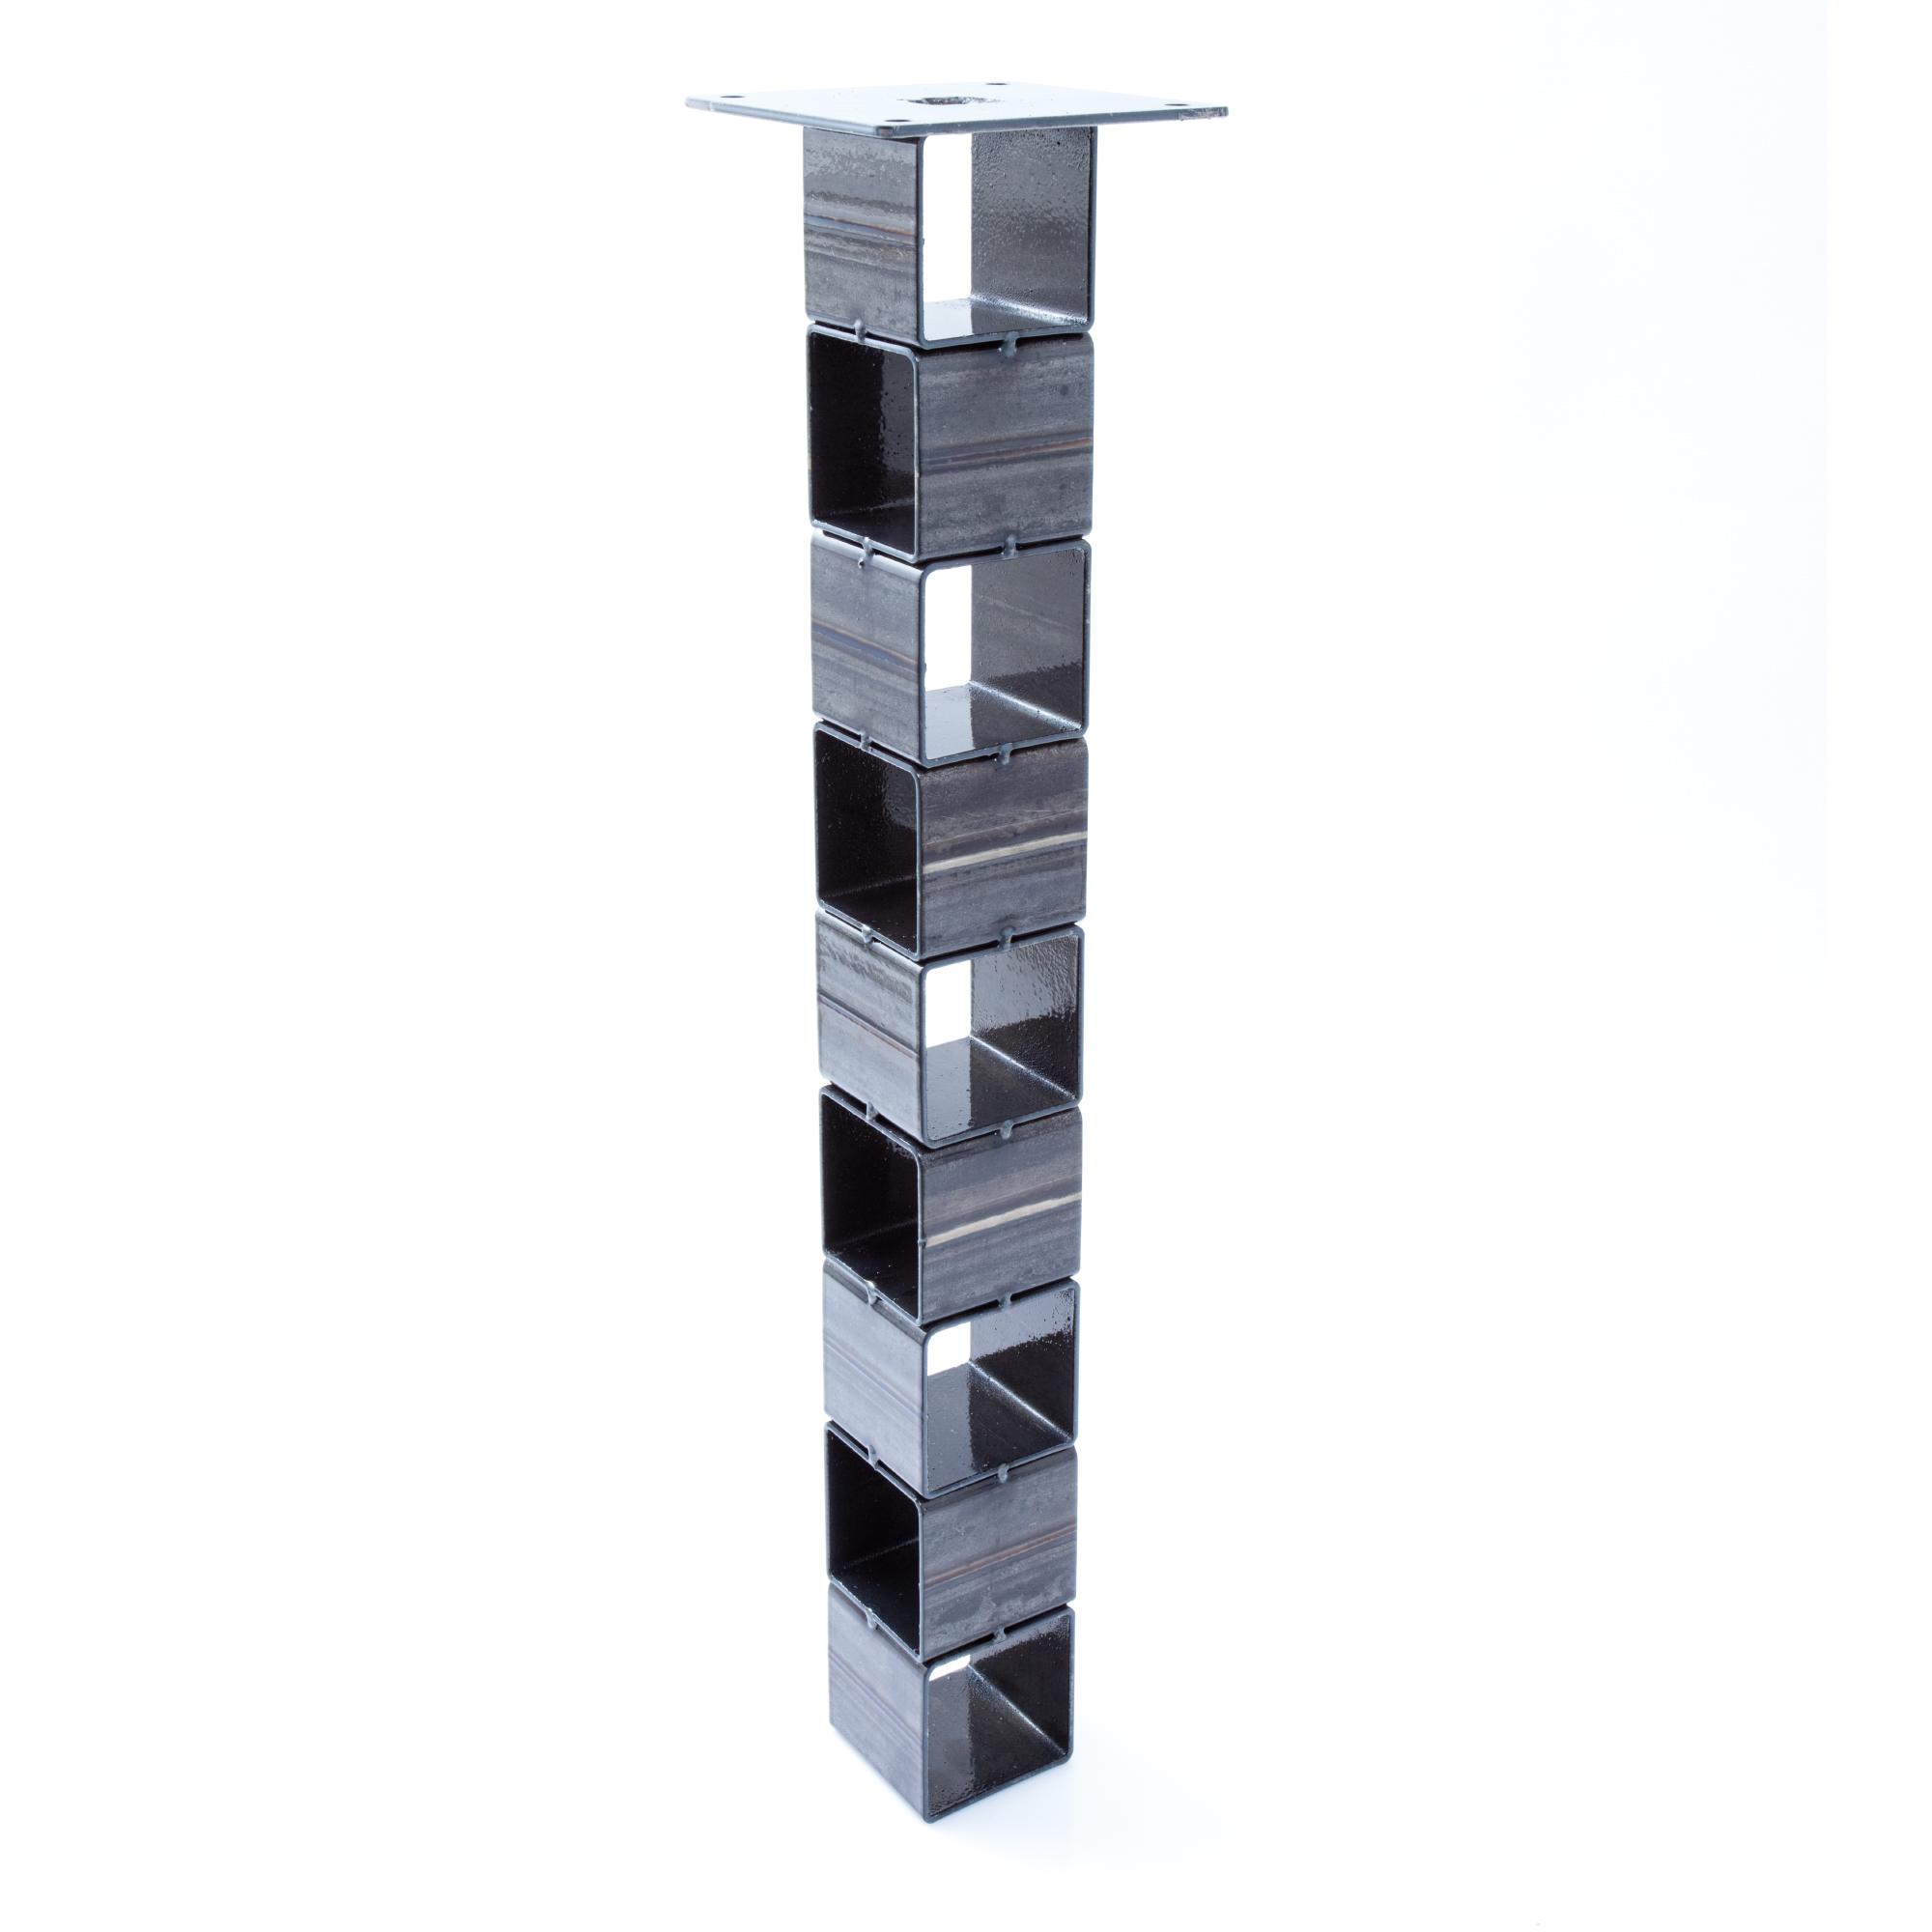 2x tischbein tisch selber bauen bausatz tischgestell loft eisen steel designer ebay. Black Bedroom Furniture Sets. Home Design Ideas